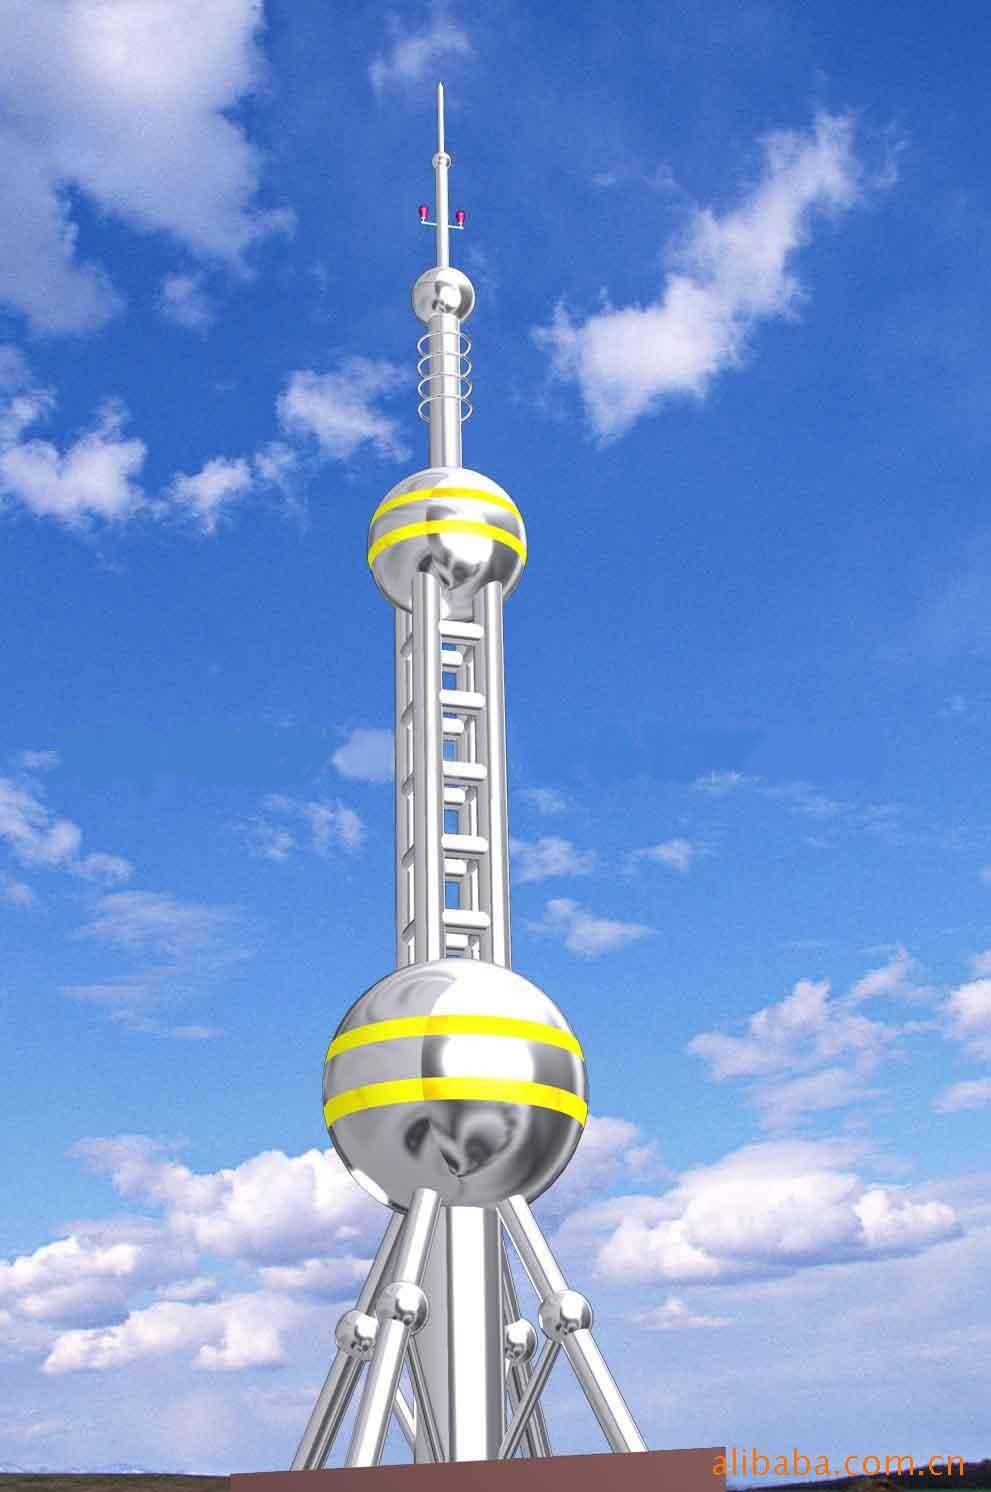 工艺装饰塔,样式多样,外形美观,设计新颖独特,广泛应用于各类大楼楼顶、广场及小区的绿地等的建筑,使之与建筑物交相辉映,成为标志性的装饰建筑。另外,公司本着科学创新的思路,加大了对工艺装饰铁塔的研究与开发,力争为每位客户设计制作出样式新颖,质优价廉的产品。宝丰铁塔公司生产15米工艺装饰塔,20米工艺装饰塔,25米工艺装饰塔,30米工艺装饰塔,35米工艺装饰塔,40米工艺装饰塔.